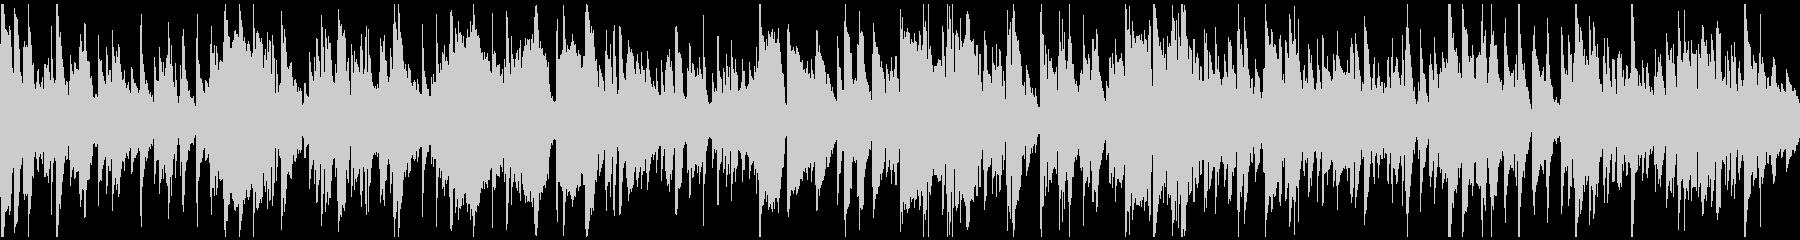 暖かい幸せなジャズ・バラード ※ループ版の未再生の波形